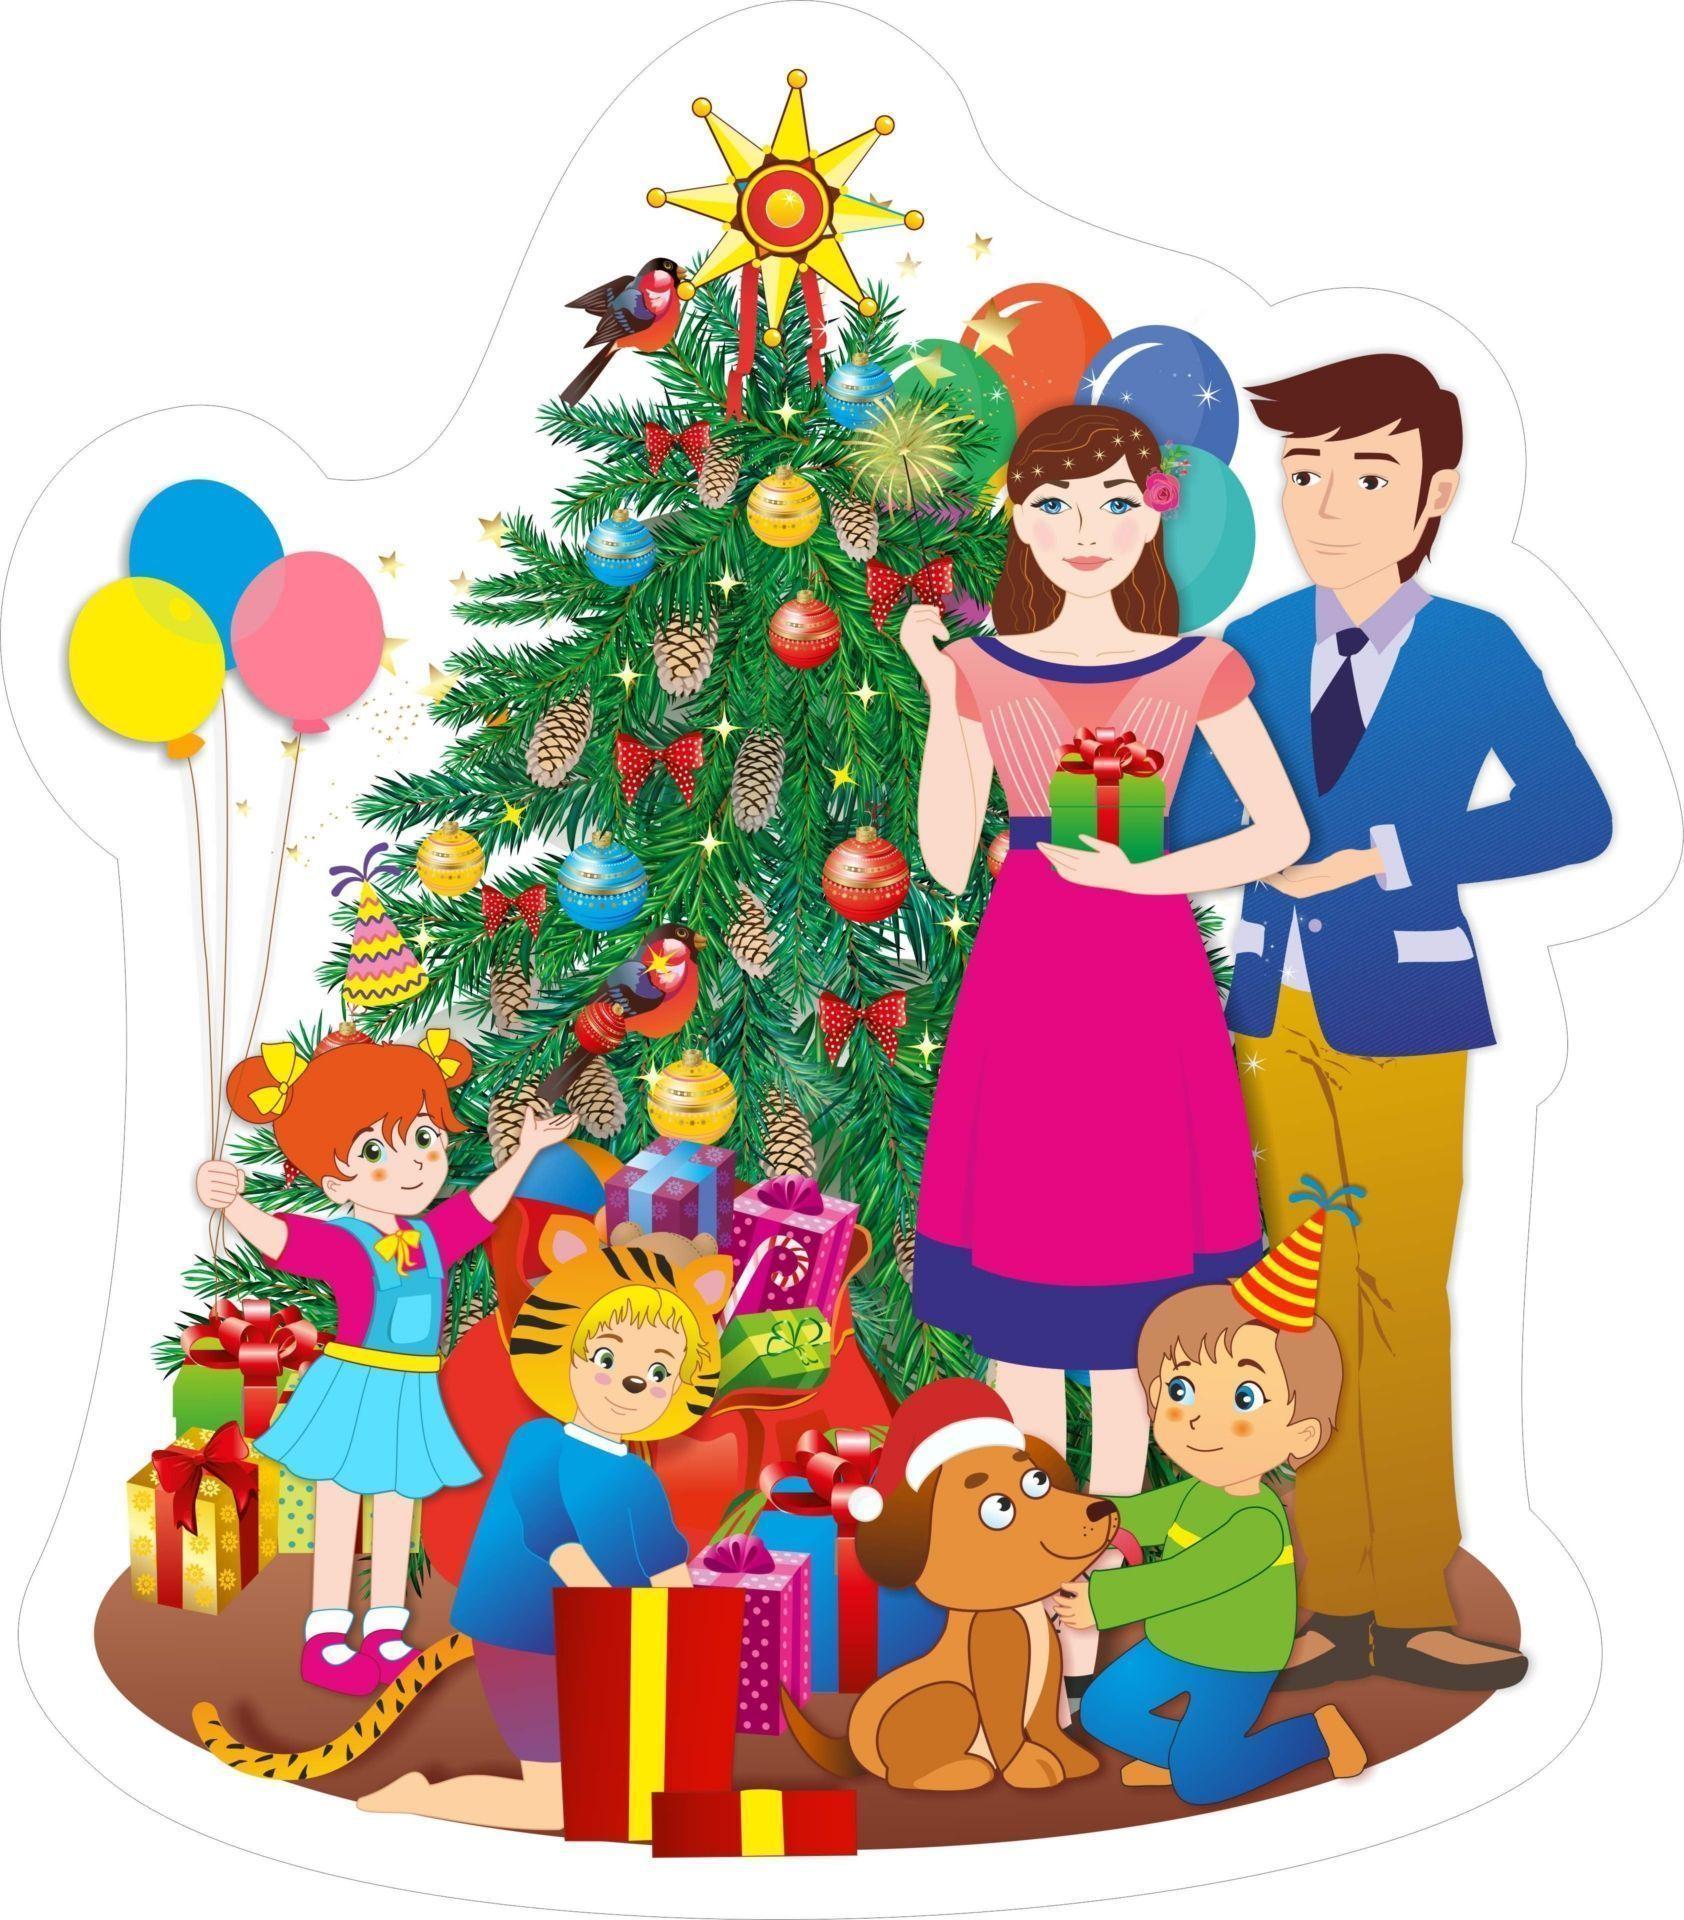 Плакат вырубной Рождественская ельТовары для оформления и проведения праздника<br>.<br><br>Год: 2017<br>Серия: Вырубные фигуры для оформления<br>Высота: 325<br>Ширина: 285<br>Переплёт: набор